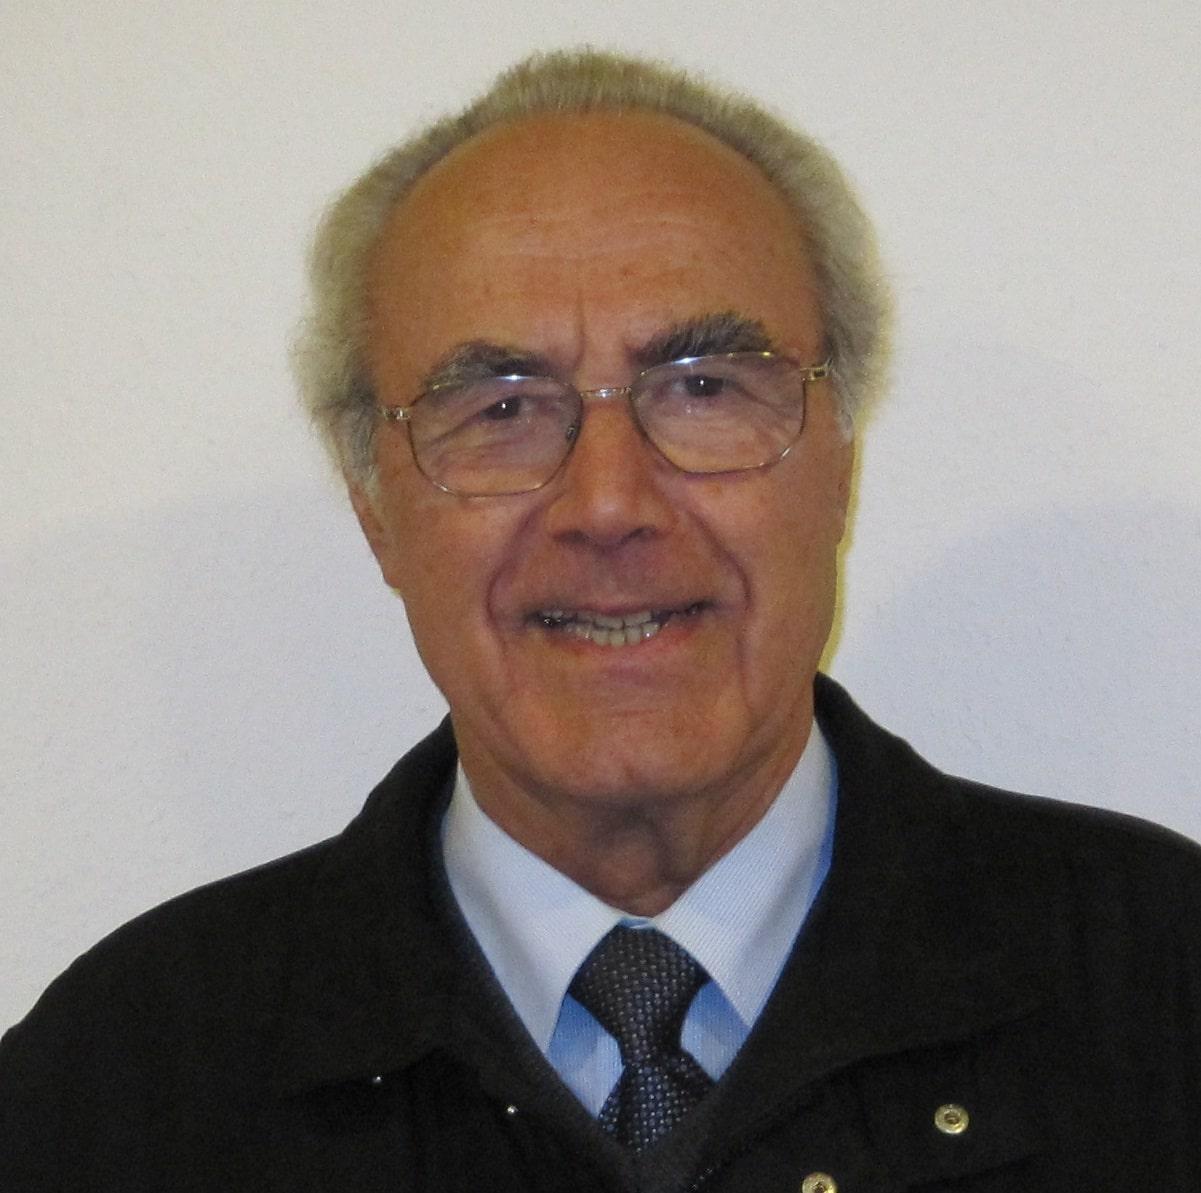 Ewald Werner